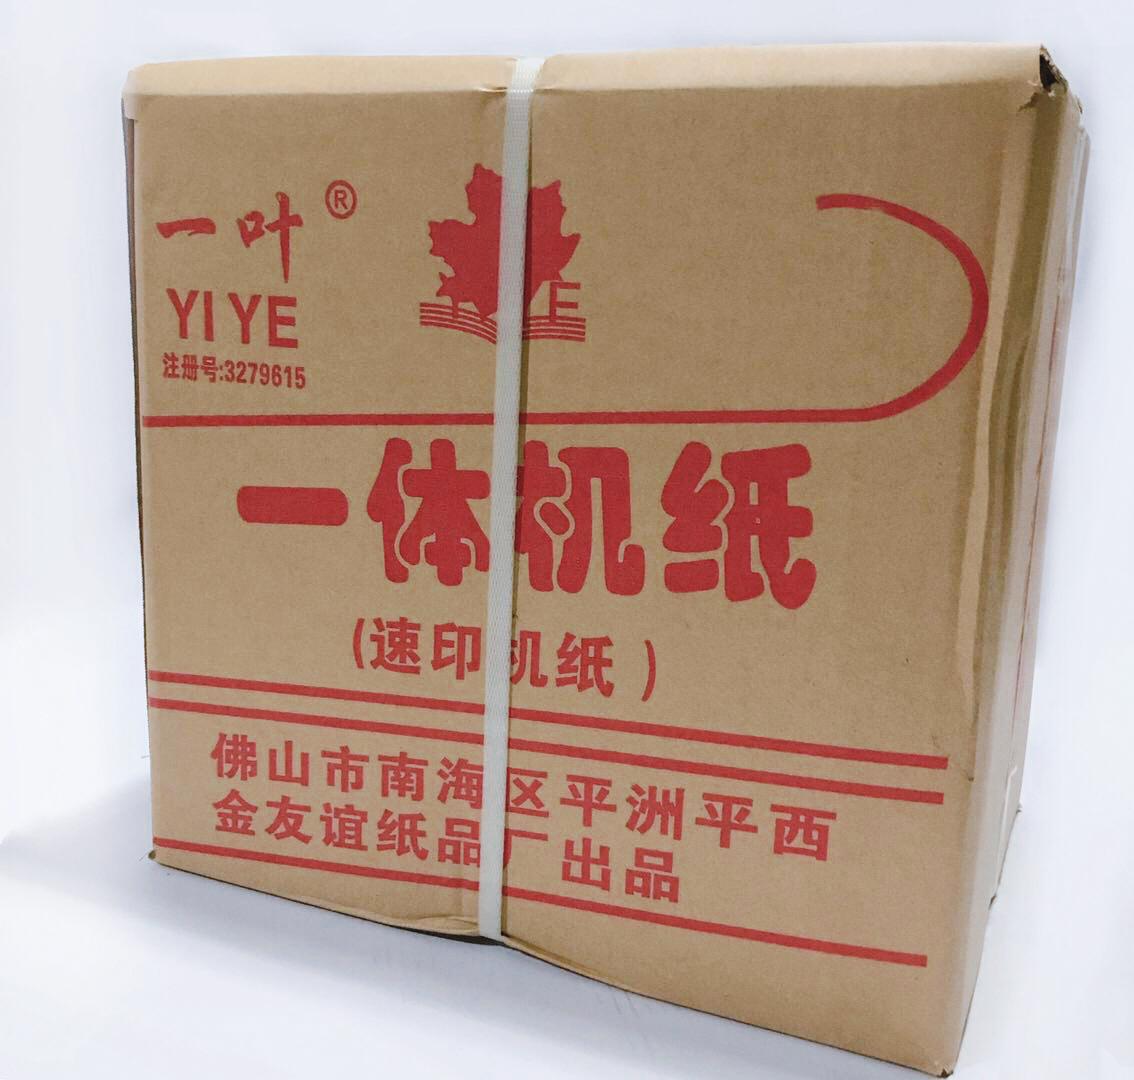 一叶8k/60g考试复印纸4000张/箱(单位:箱)白色(广东省政府专供)